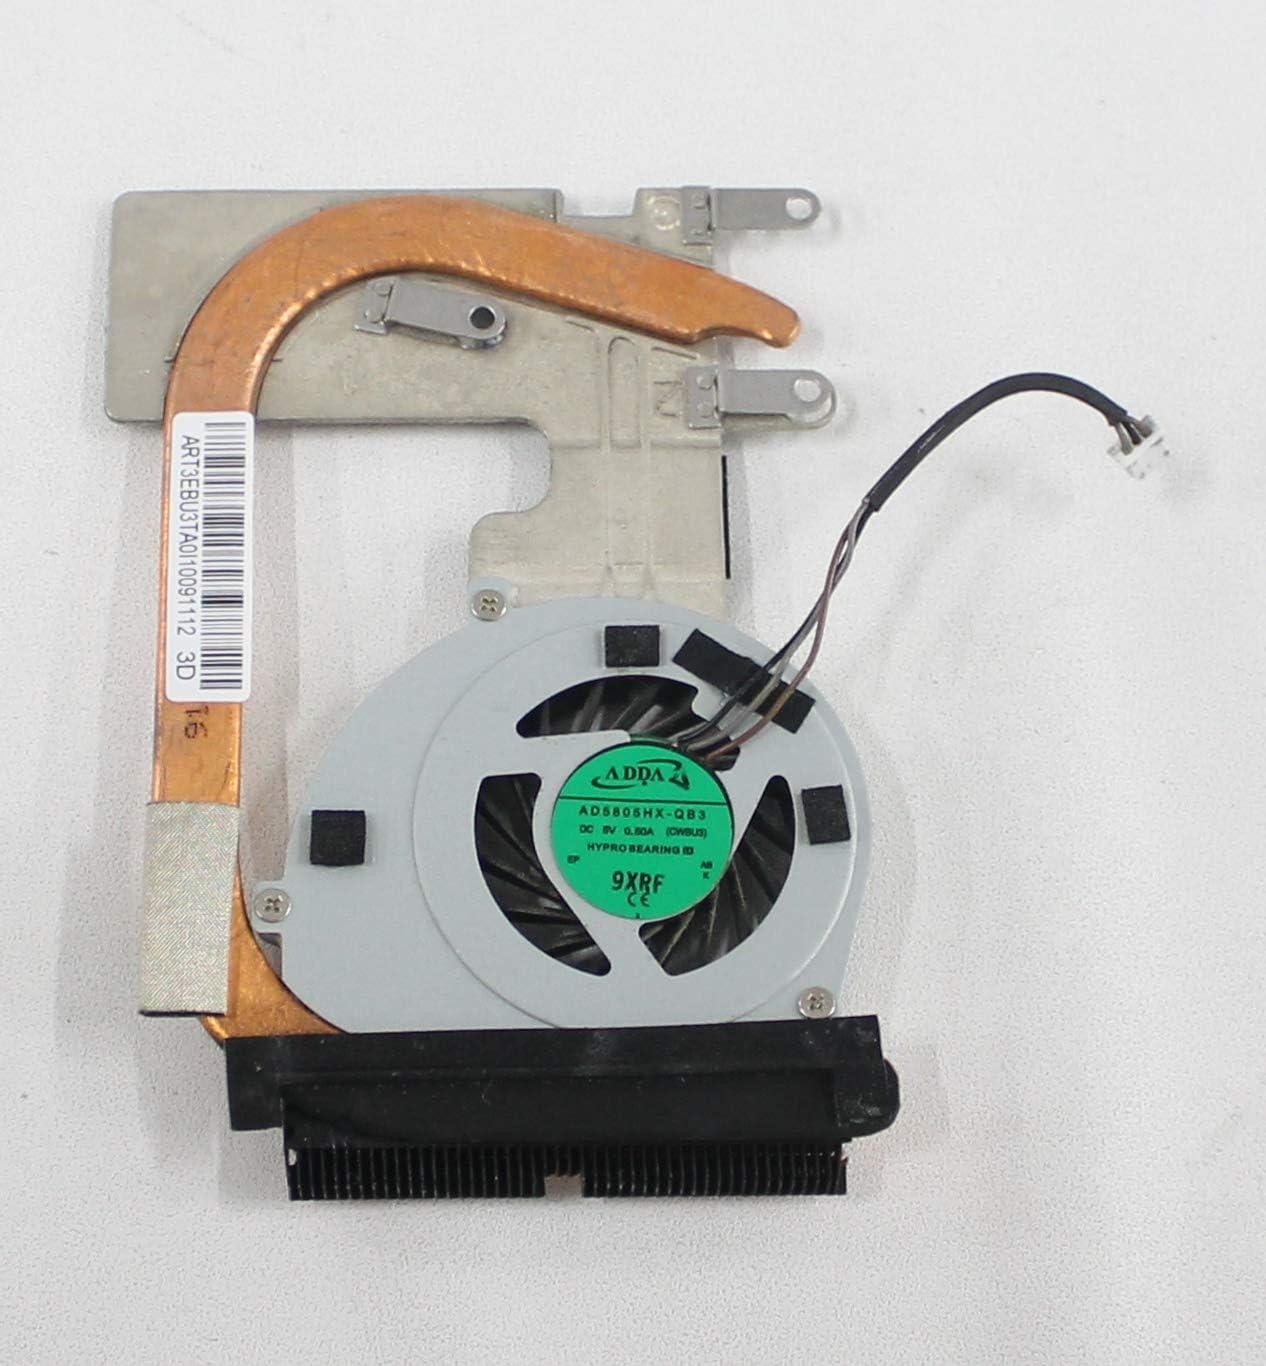 USB 2.0 External CD//DVD Drive for Compaq presario cq50-107ef